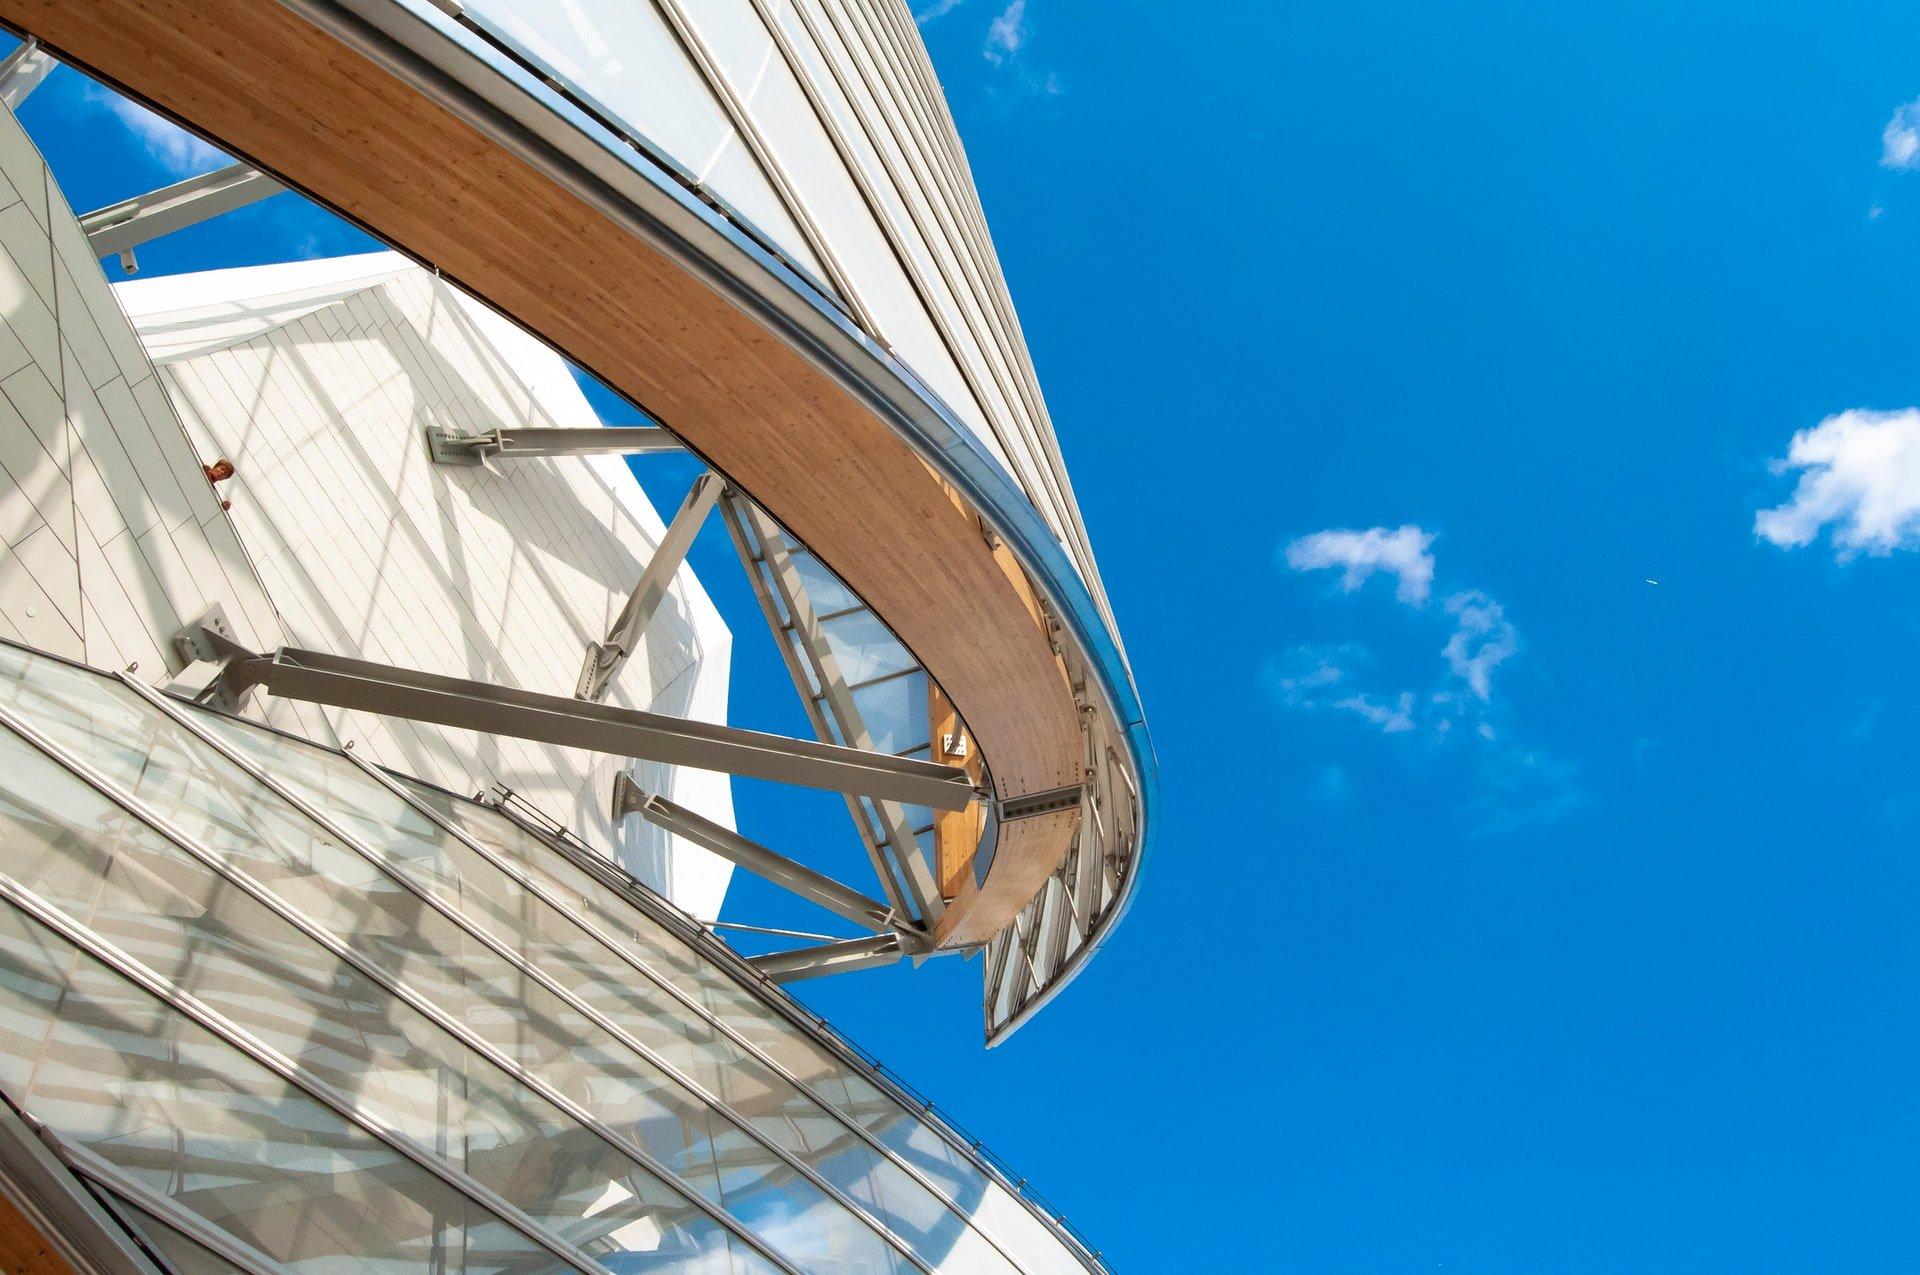 Fondation Louis Vuitton exterior architecture in Paris park